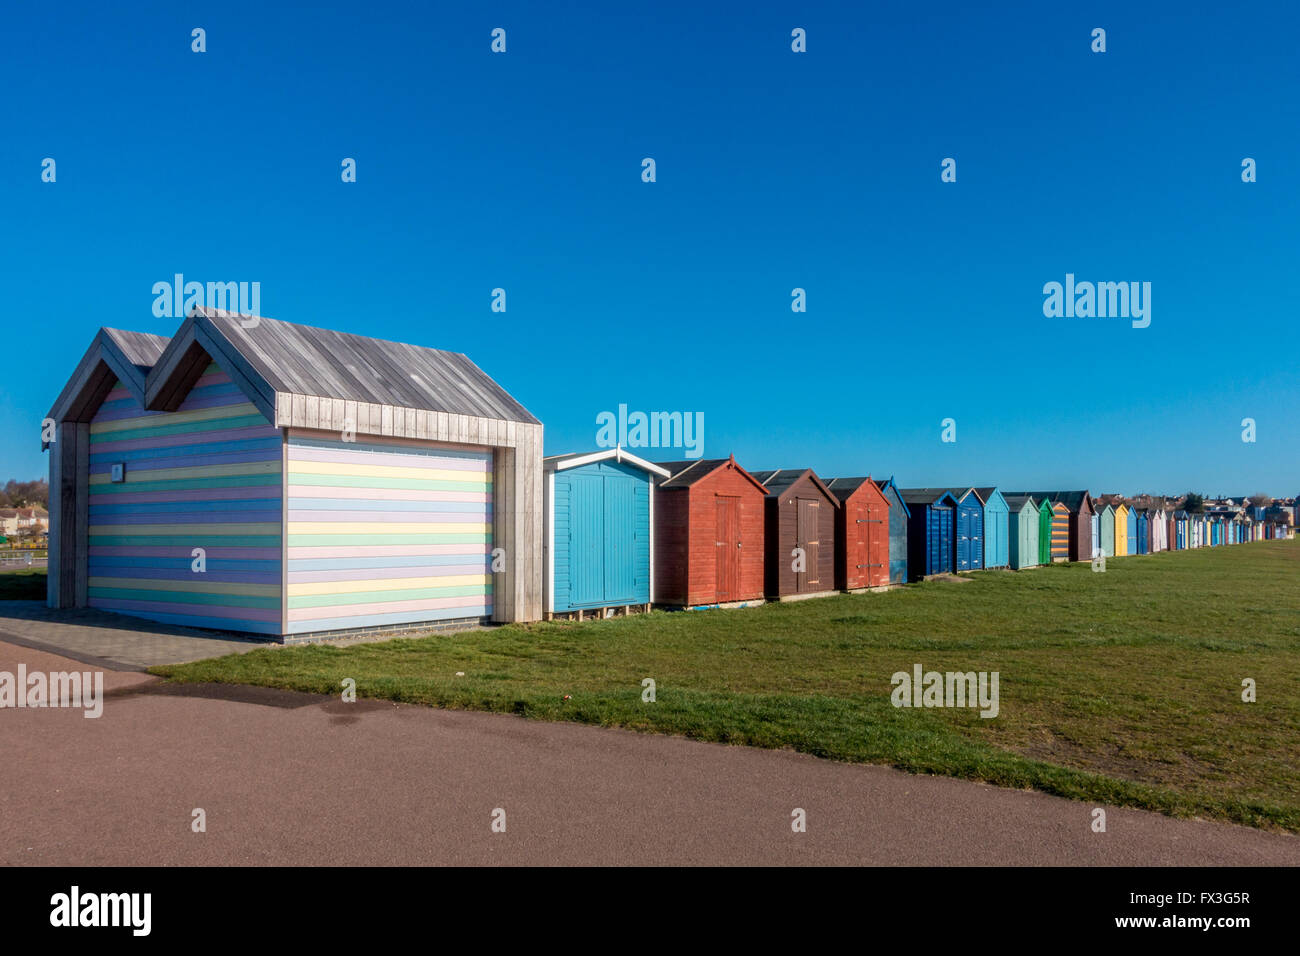 Accessibile lungomare: disabilità Beach Hut, Dovercourt Bay, Harwich, Essex, Regno Unito Immagini Stock